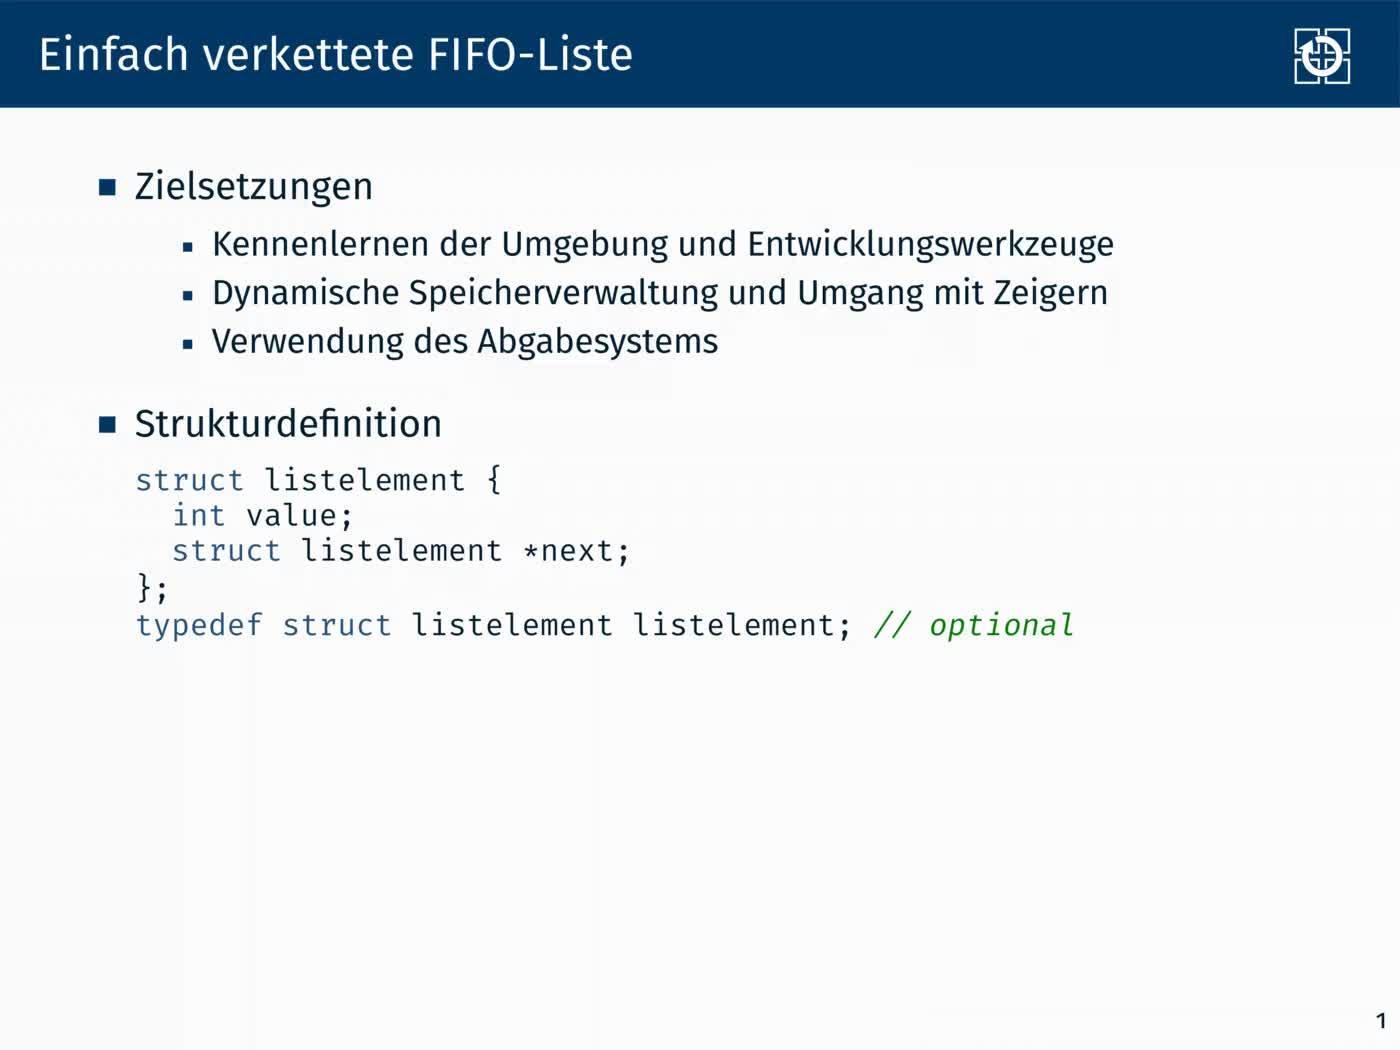 1.4 Dynamische Speicherverwaltung: lilo preview image